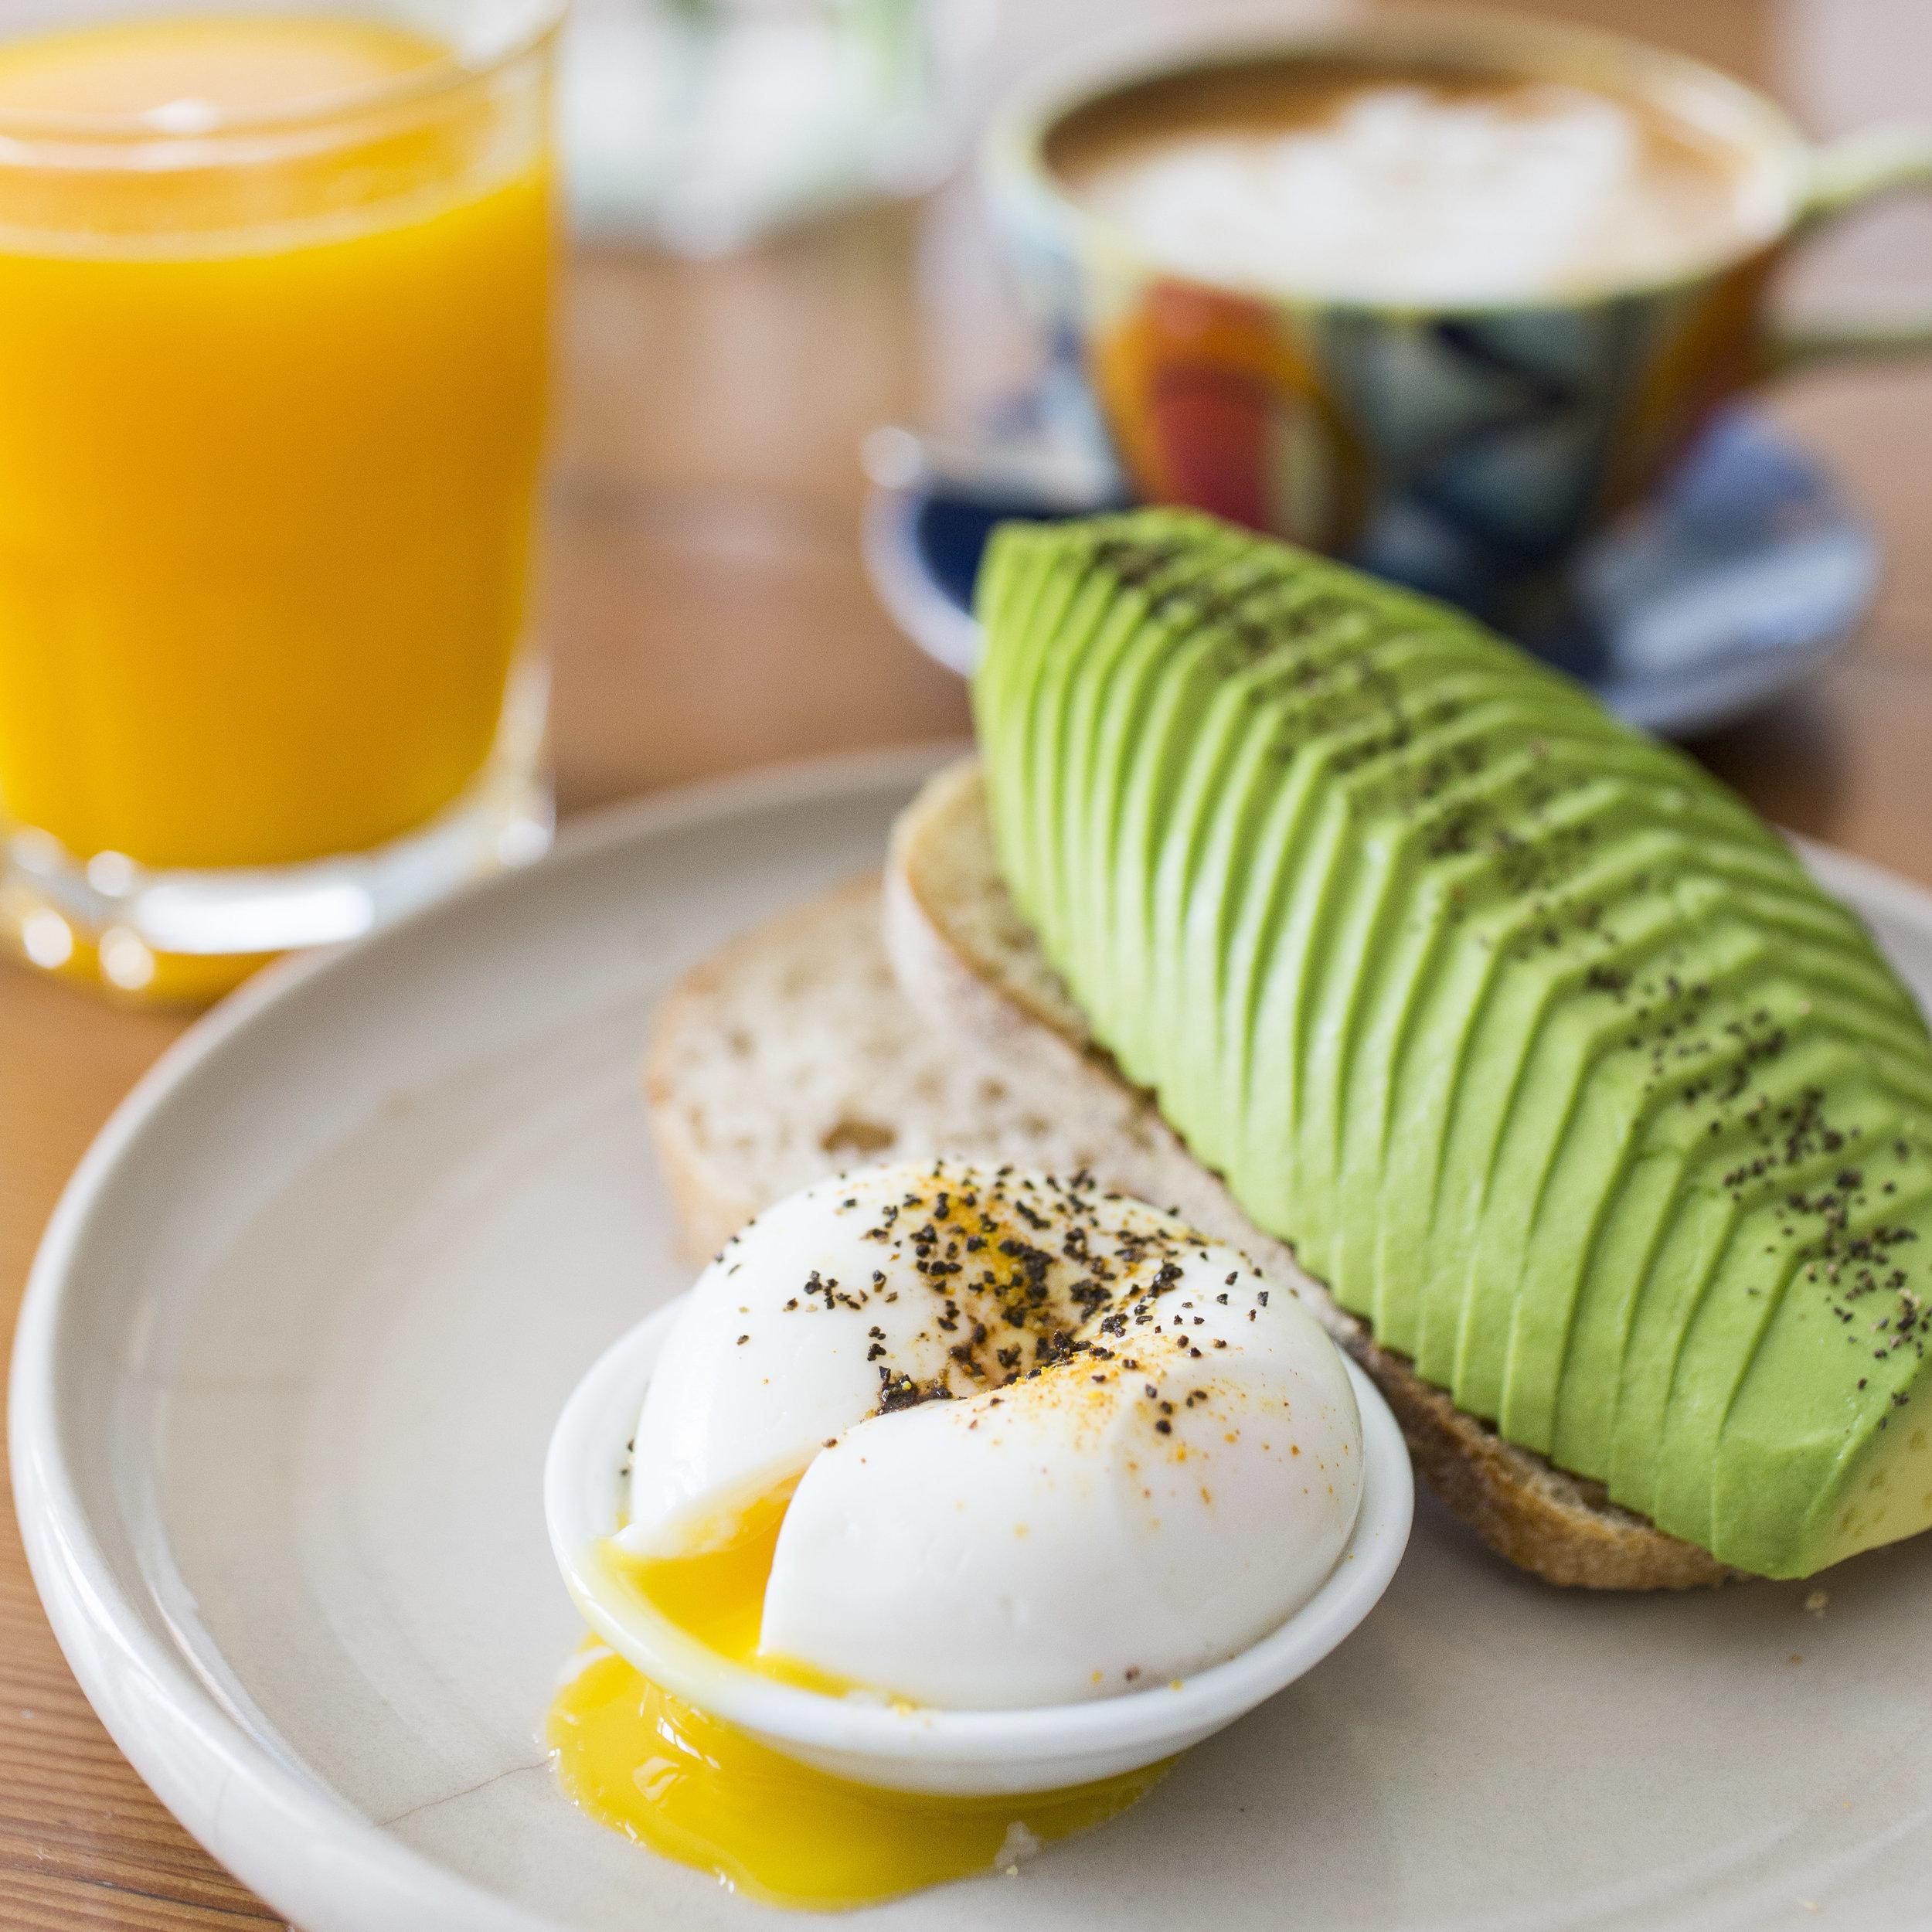 DESAYUNO DE ANA:  Tostada integral servida con palta y huevo pasado.